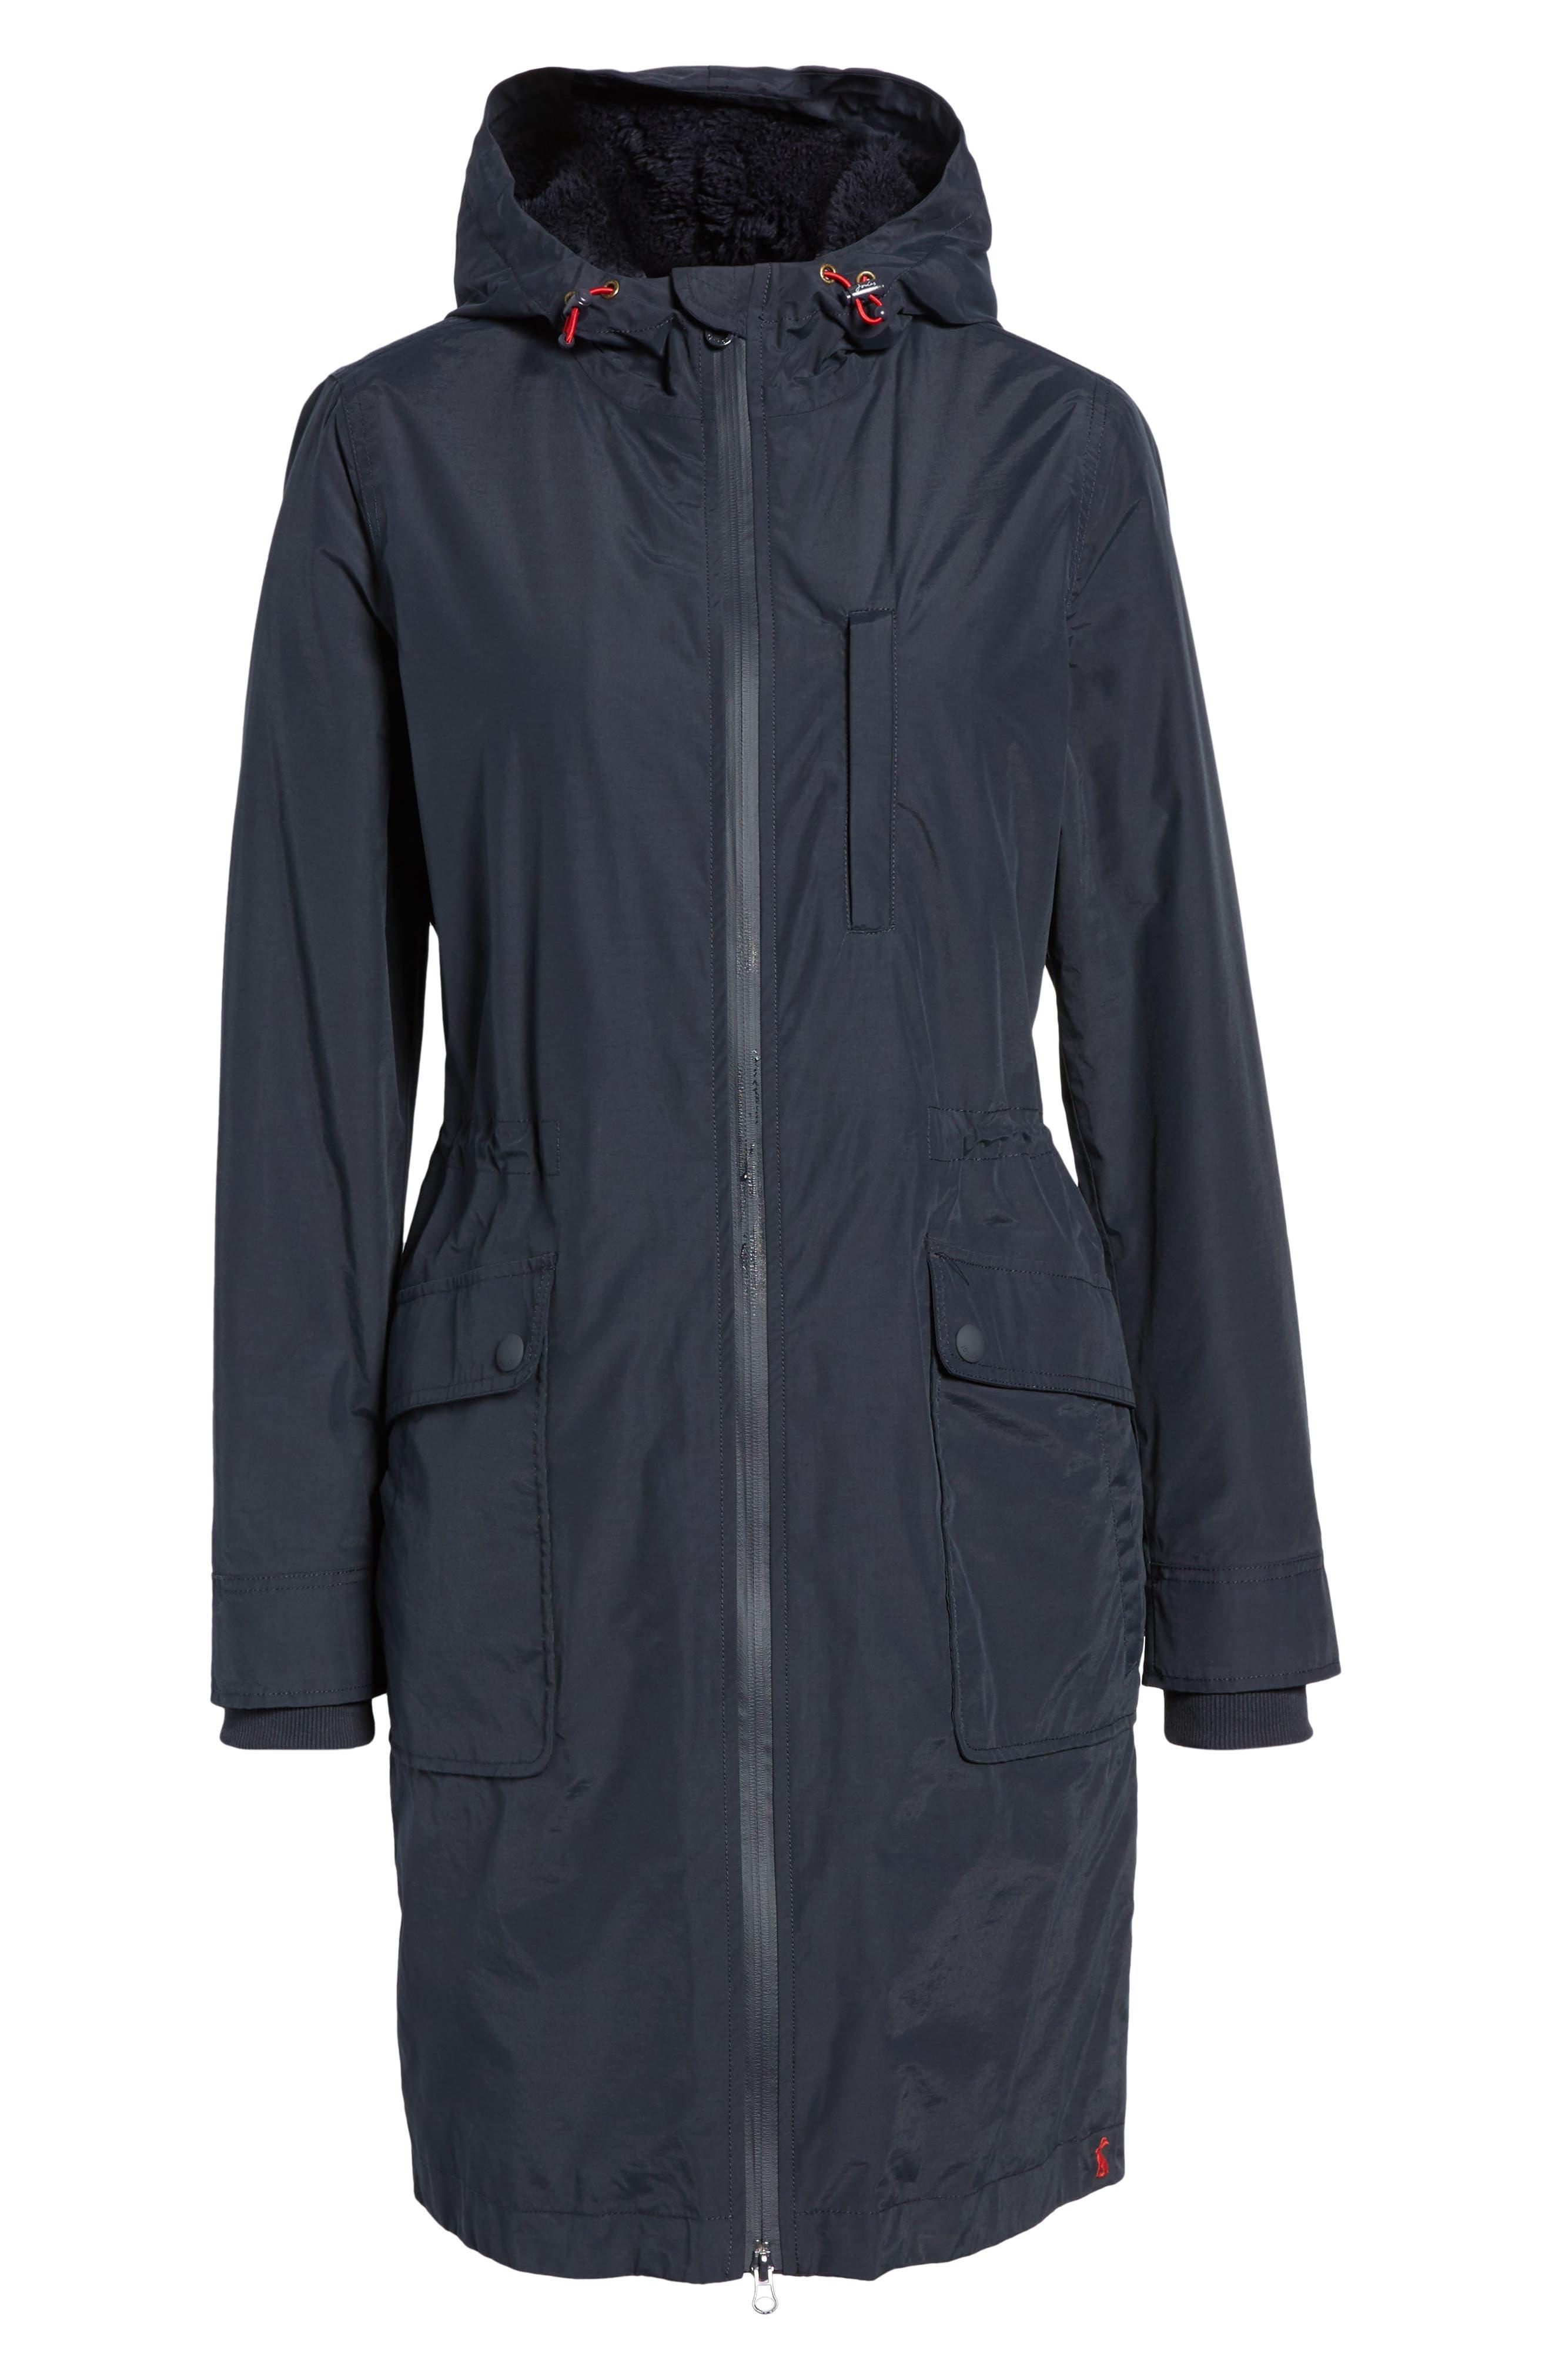 Hooded Fleece Lined Raincoat,                             Alternate thumbnail 5, color,